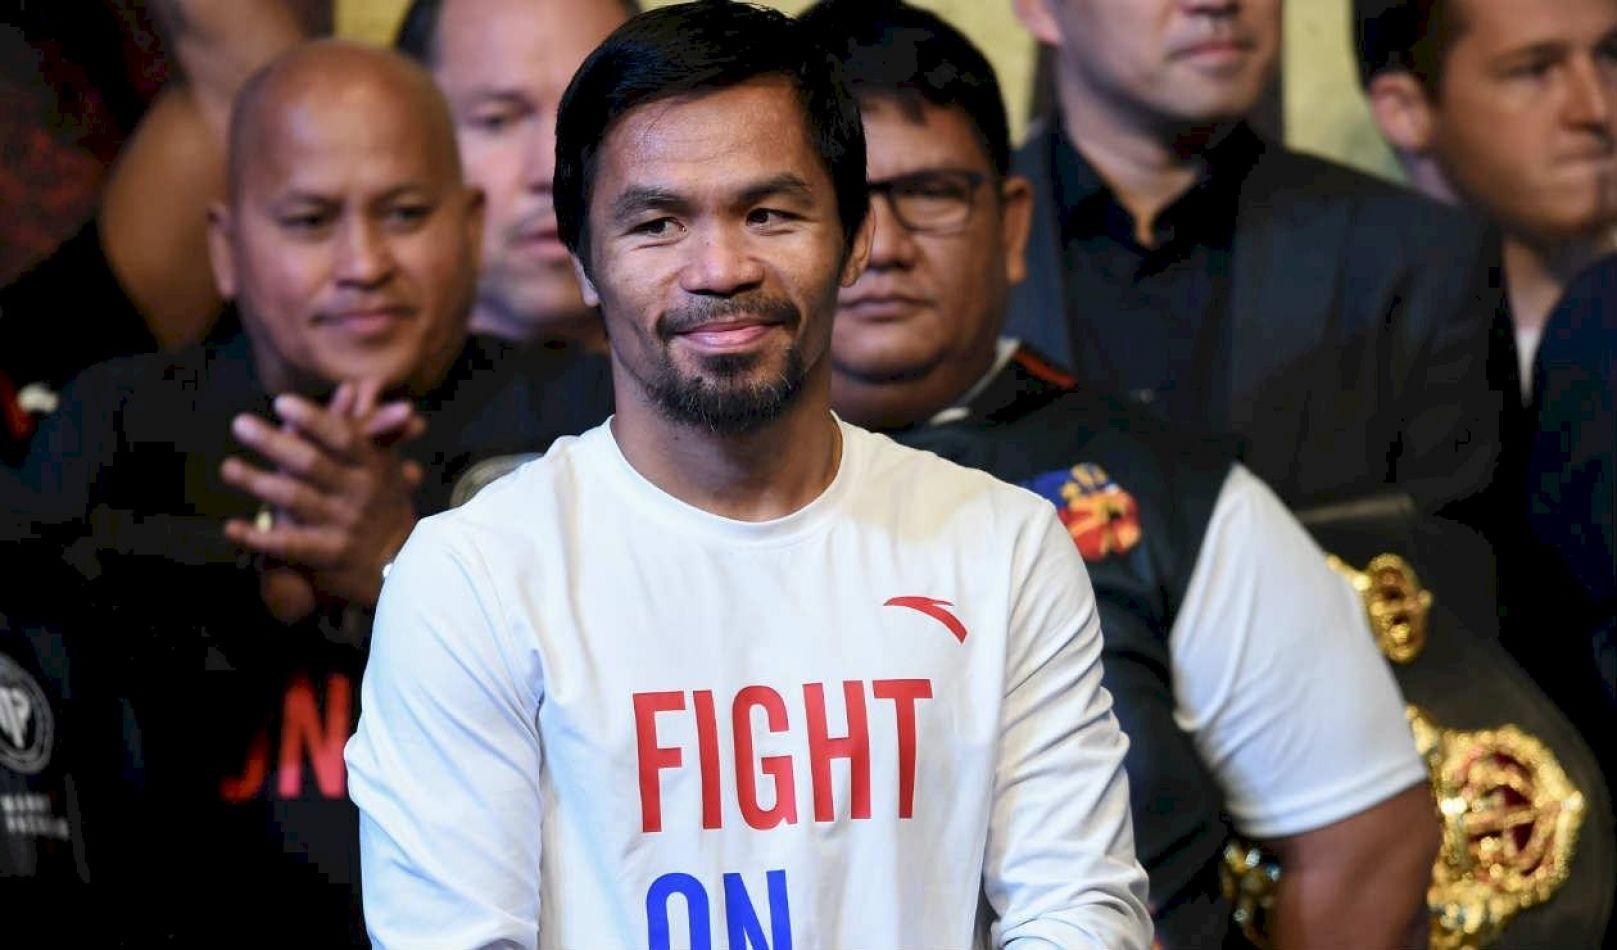 La leyenda del boxeo filipino Manny Pacquiao disputará la presidencia en 2022.